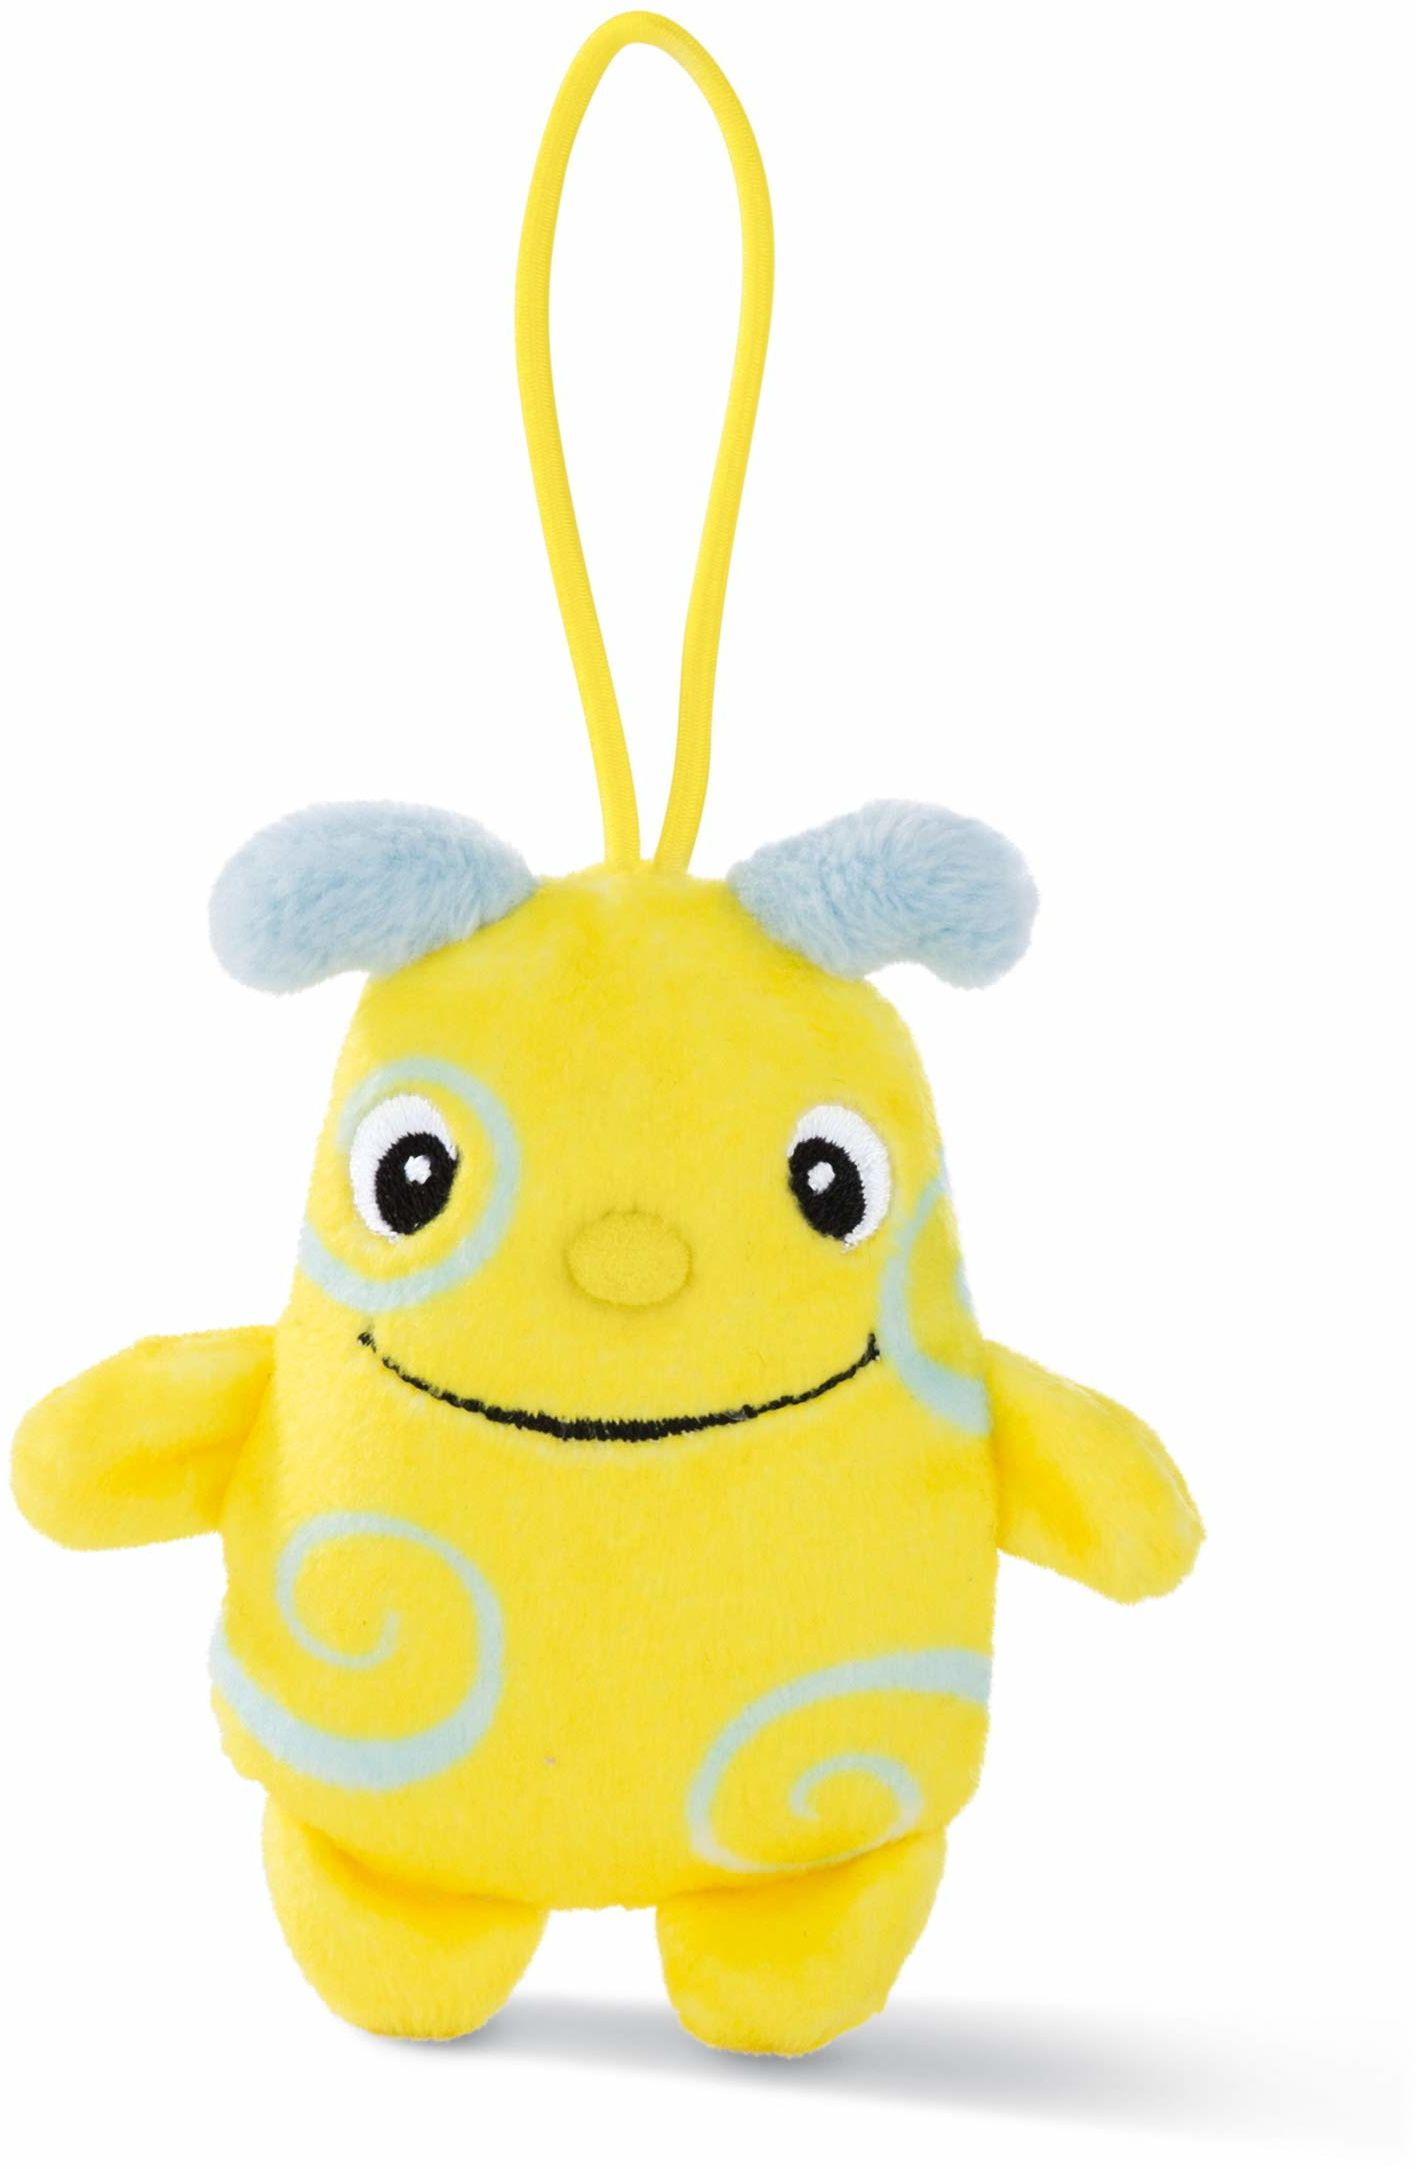 NICI 46107 przytulnie miękka zabawka Moffini Kringel 8 cm z pętlą, żółty/niebieski